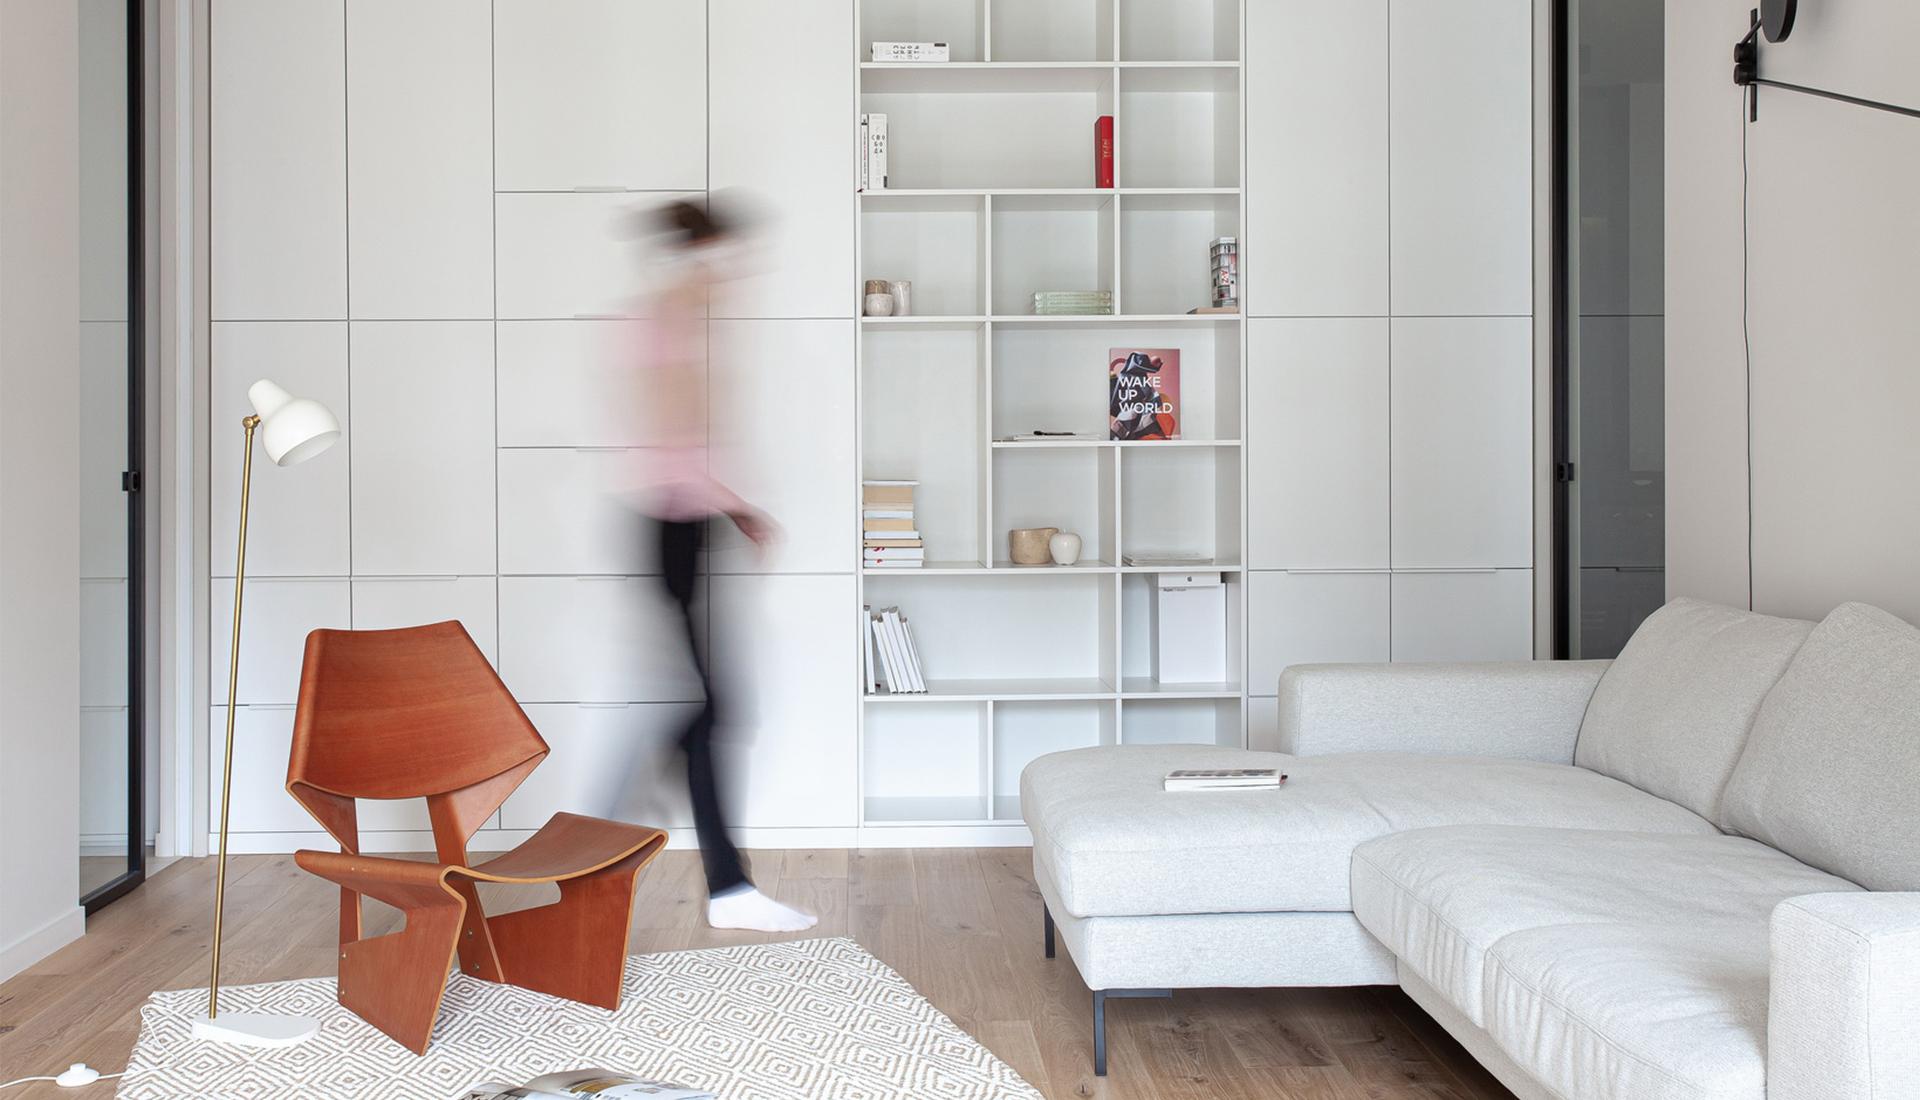 Наталия Курлыгина: квартира 110 кв. метров с винтажной мебелью